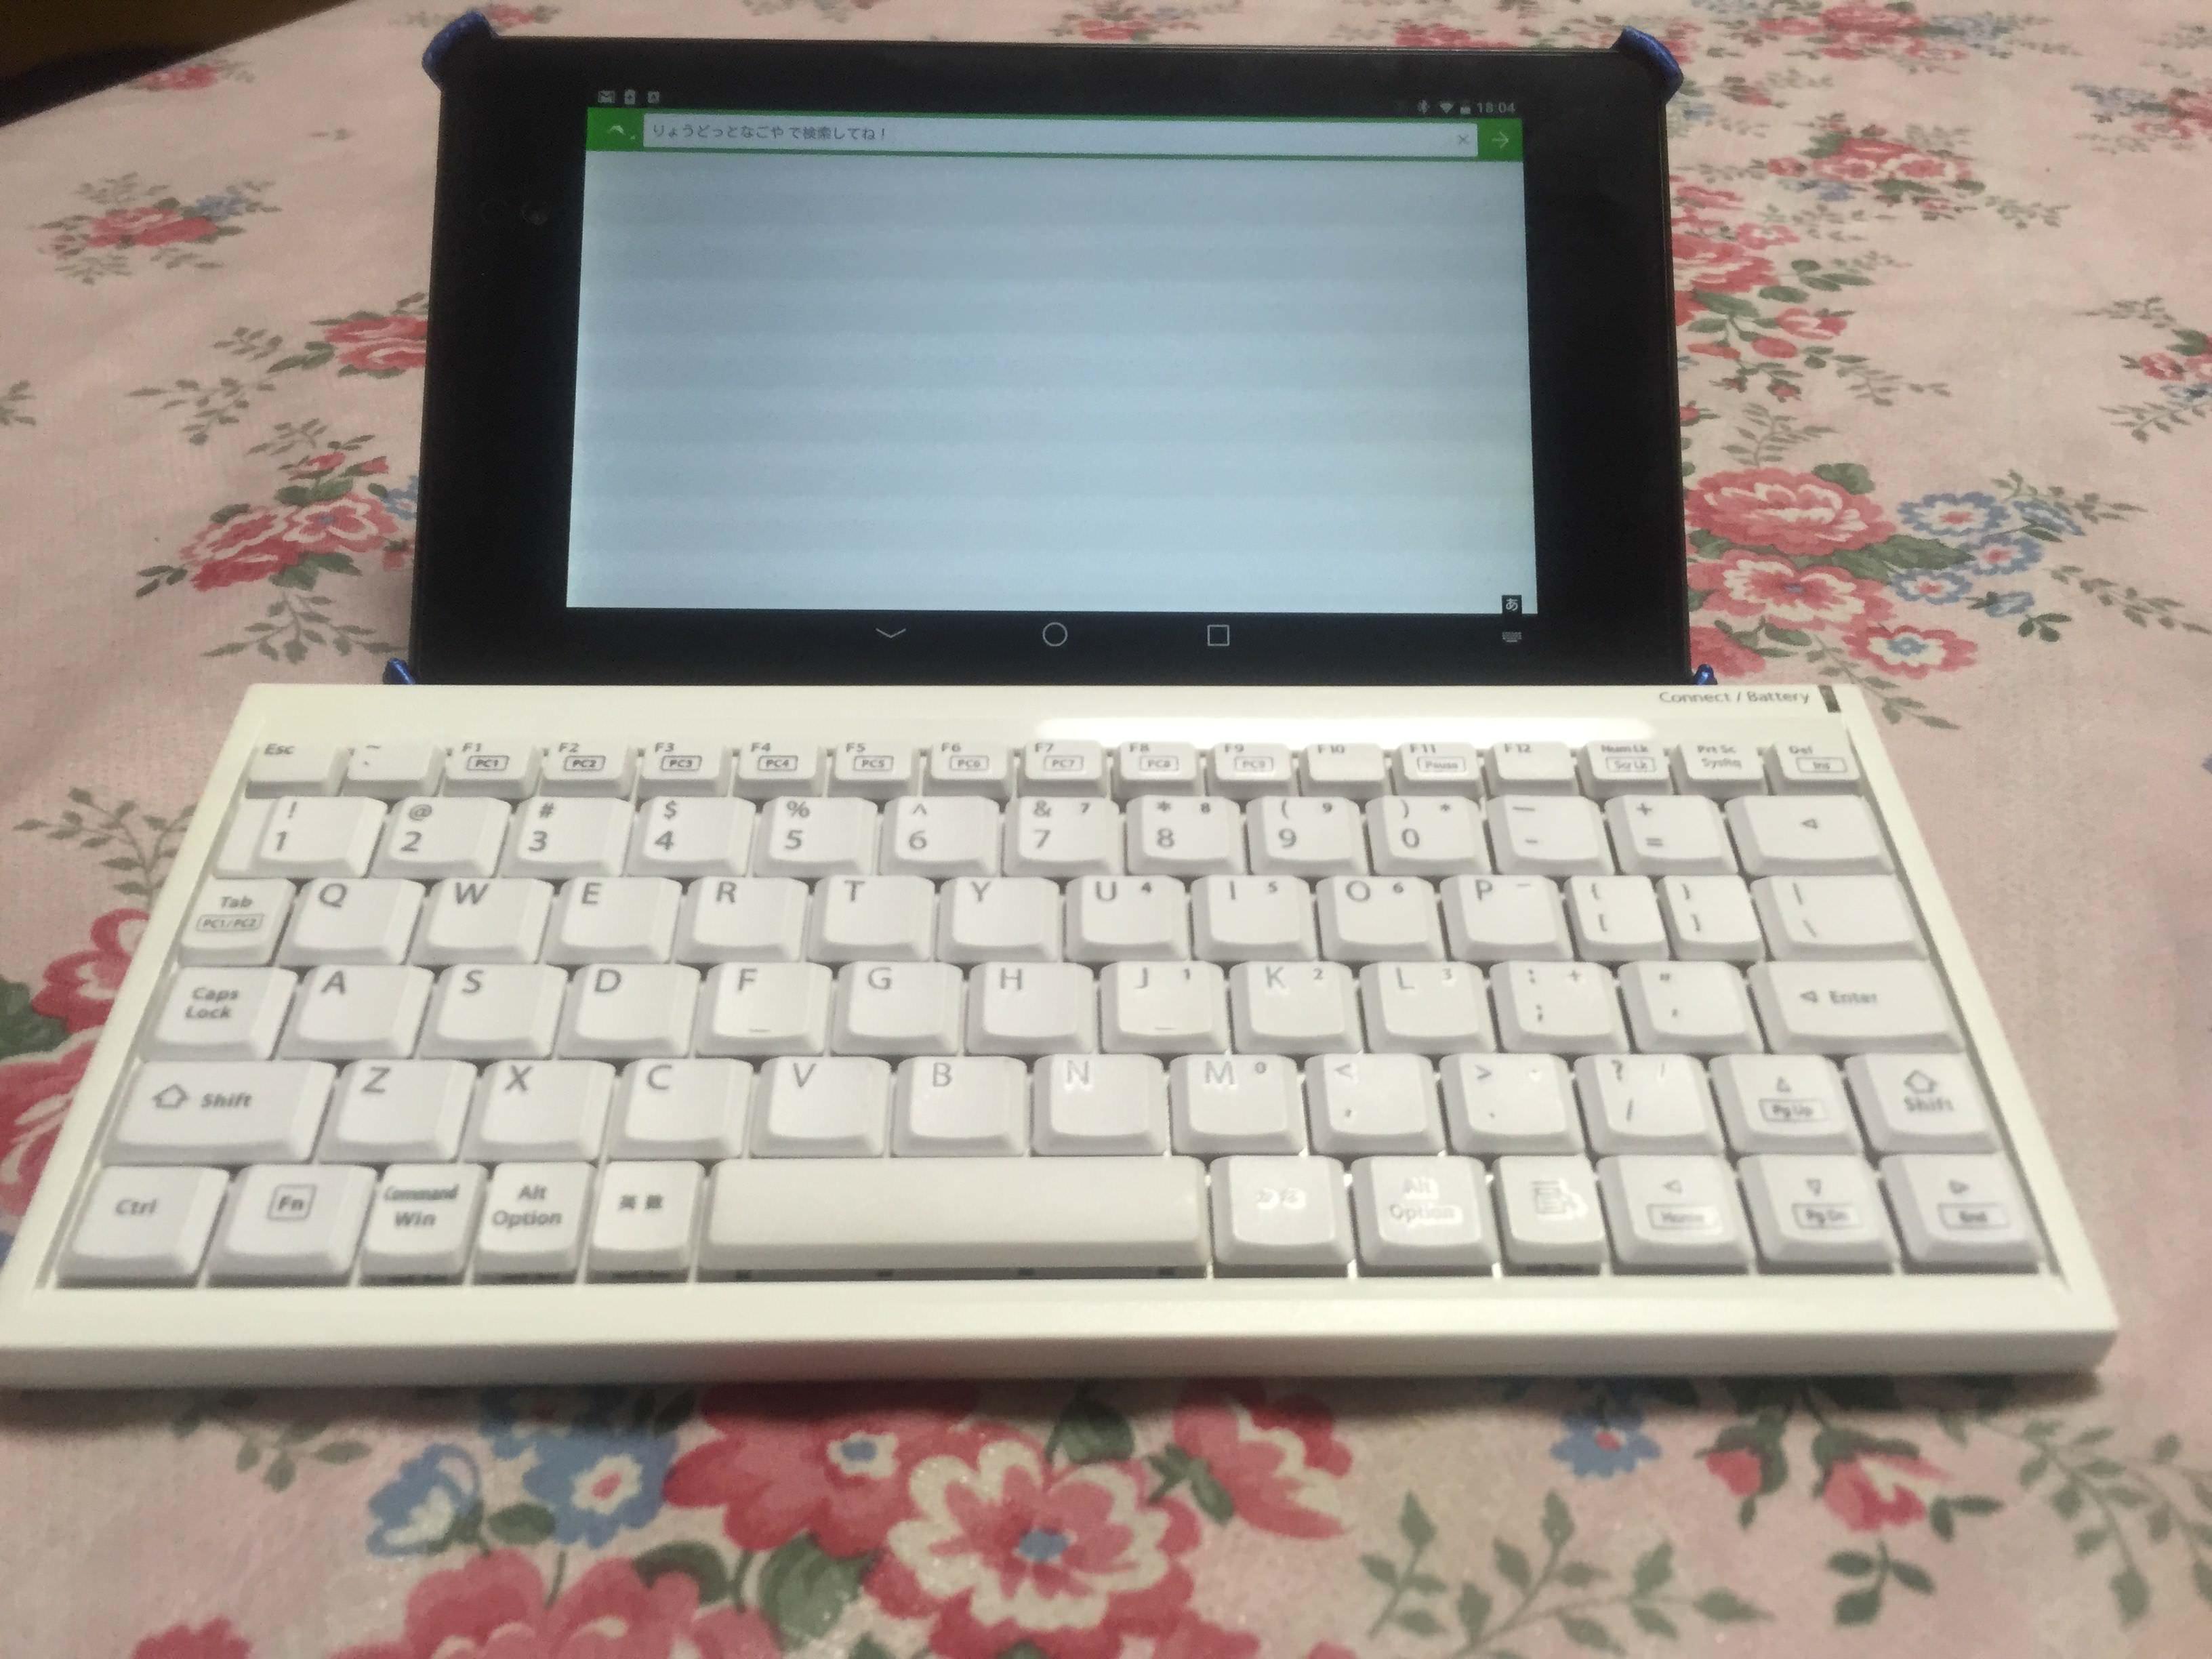 [まだ記事作成中]Nexus7 2013 を キーボードだけで使えるようにしてみる